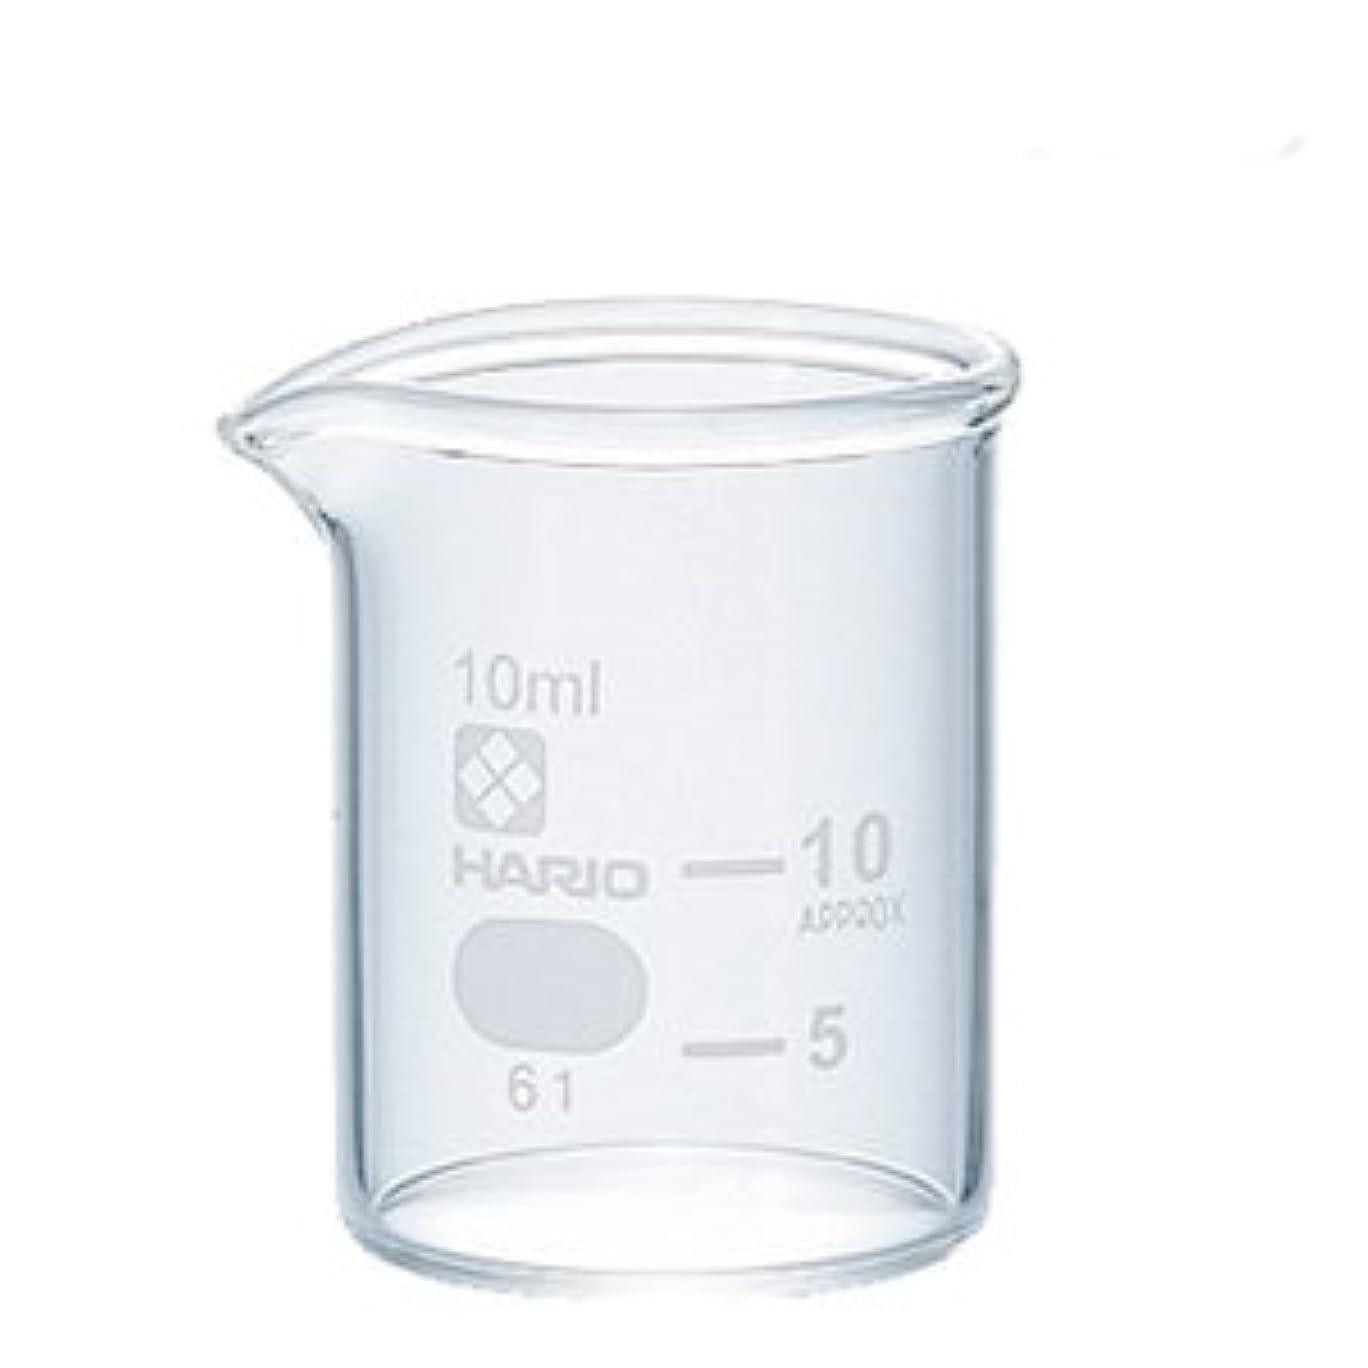 神秘的な自我故意にガラスビーカー 10ml 【手作り石鹸/手作りコスメ/手作り化粧品】